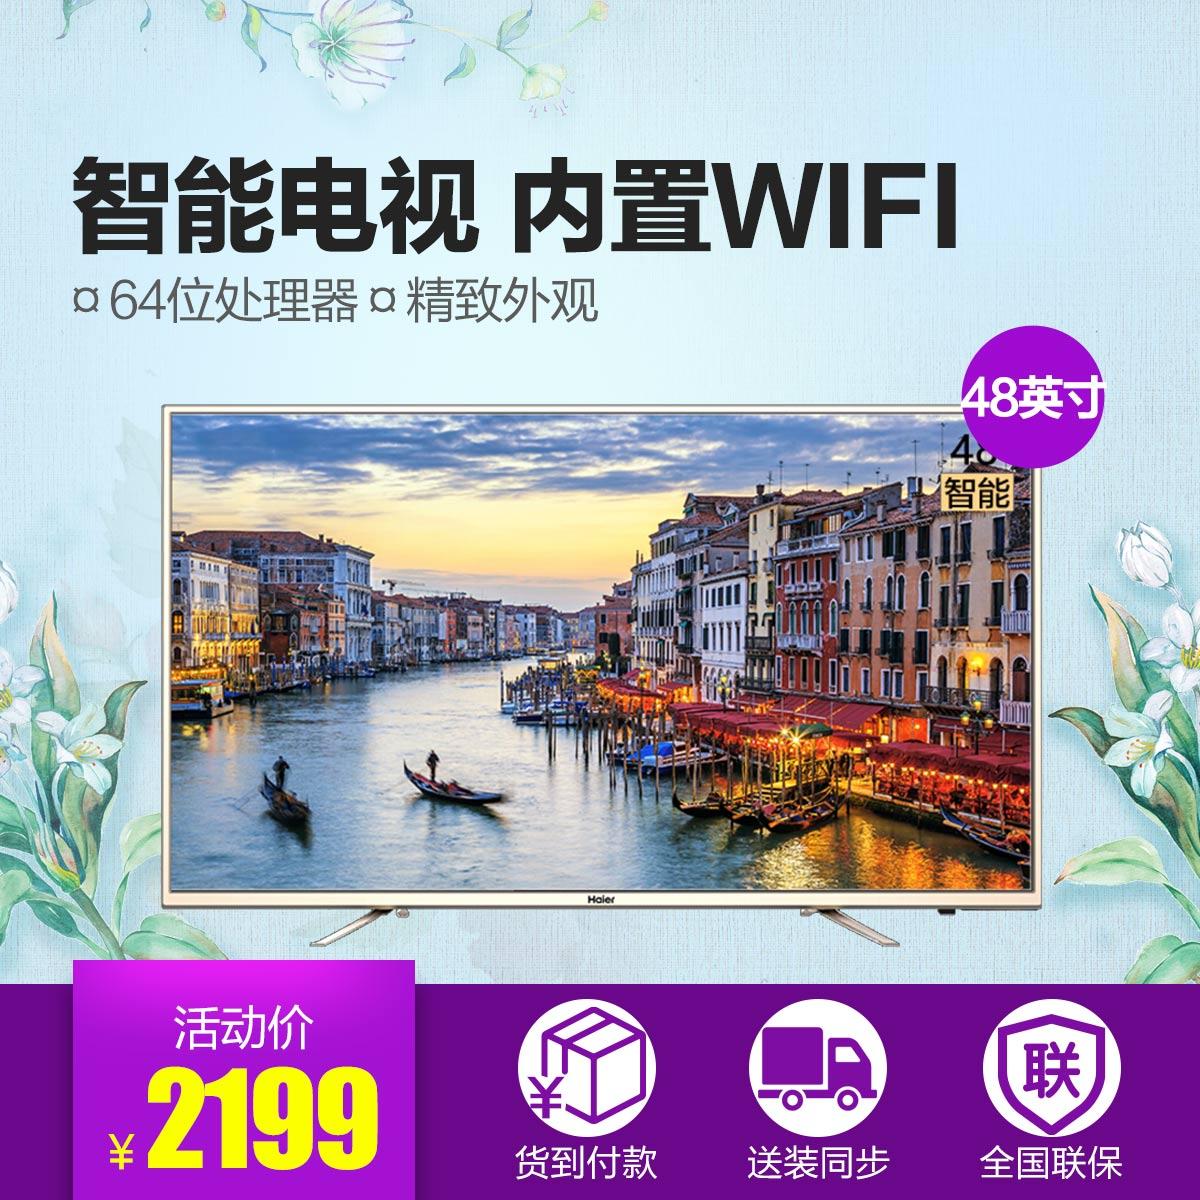 48英寸客厅网络智能电视。内置WiFi、丰富资源;天生丽质,由内而外 ,任性观影,给你不一样的颜值。 LE48A31